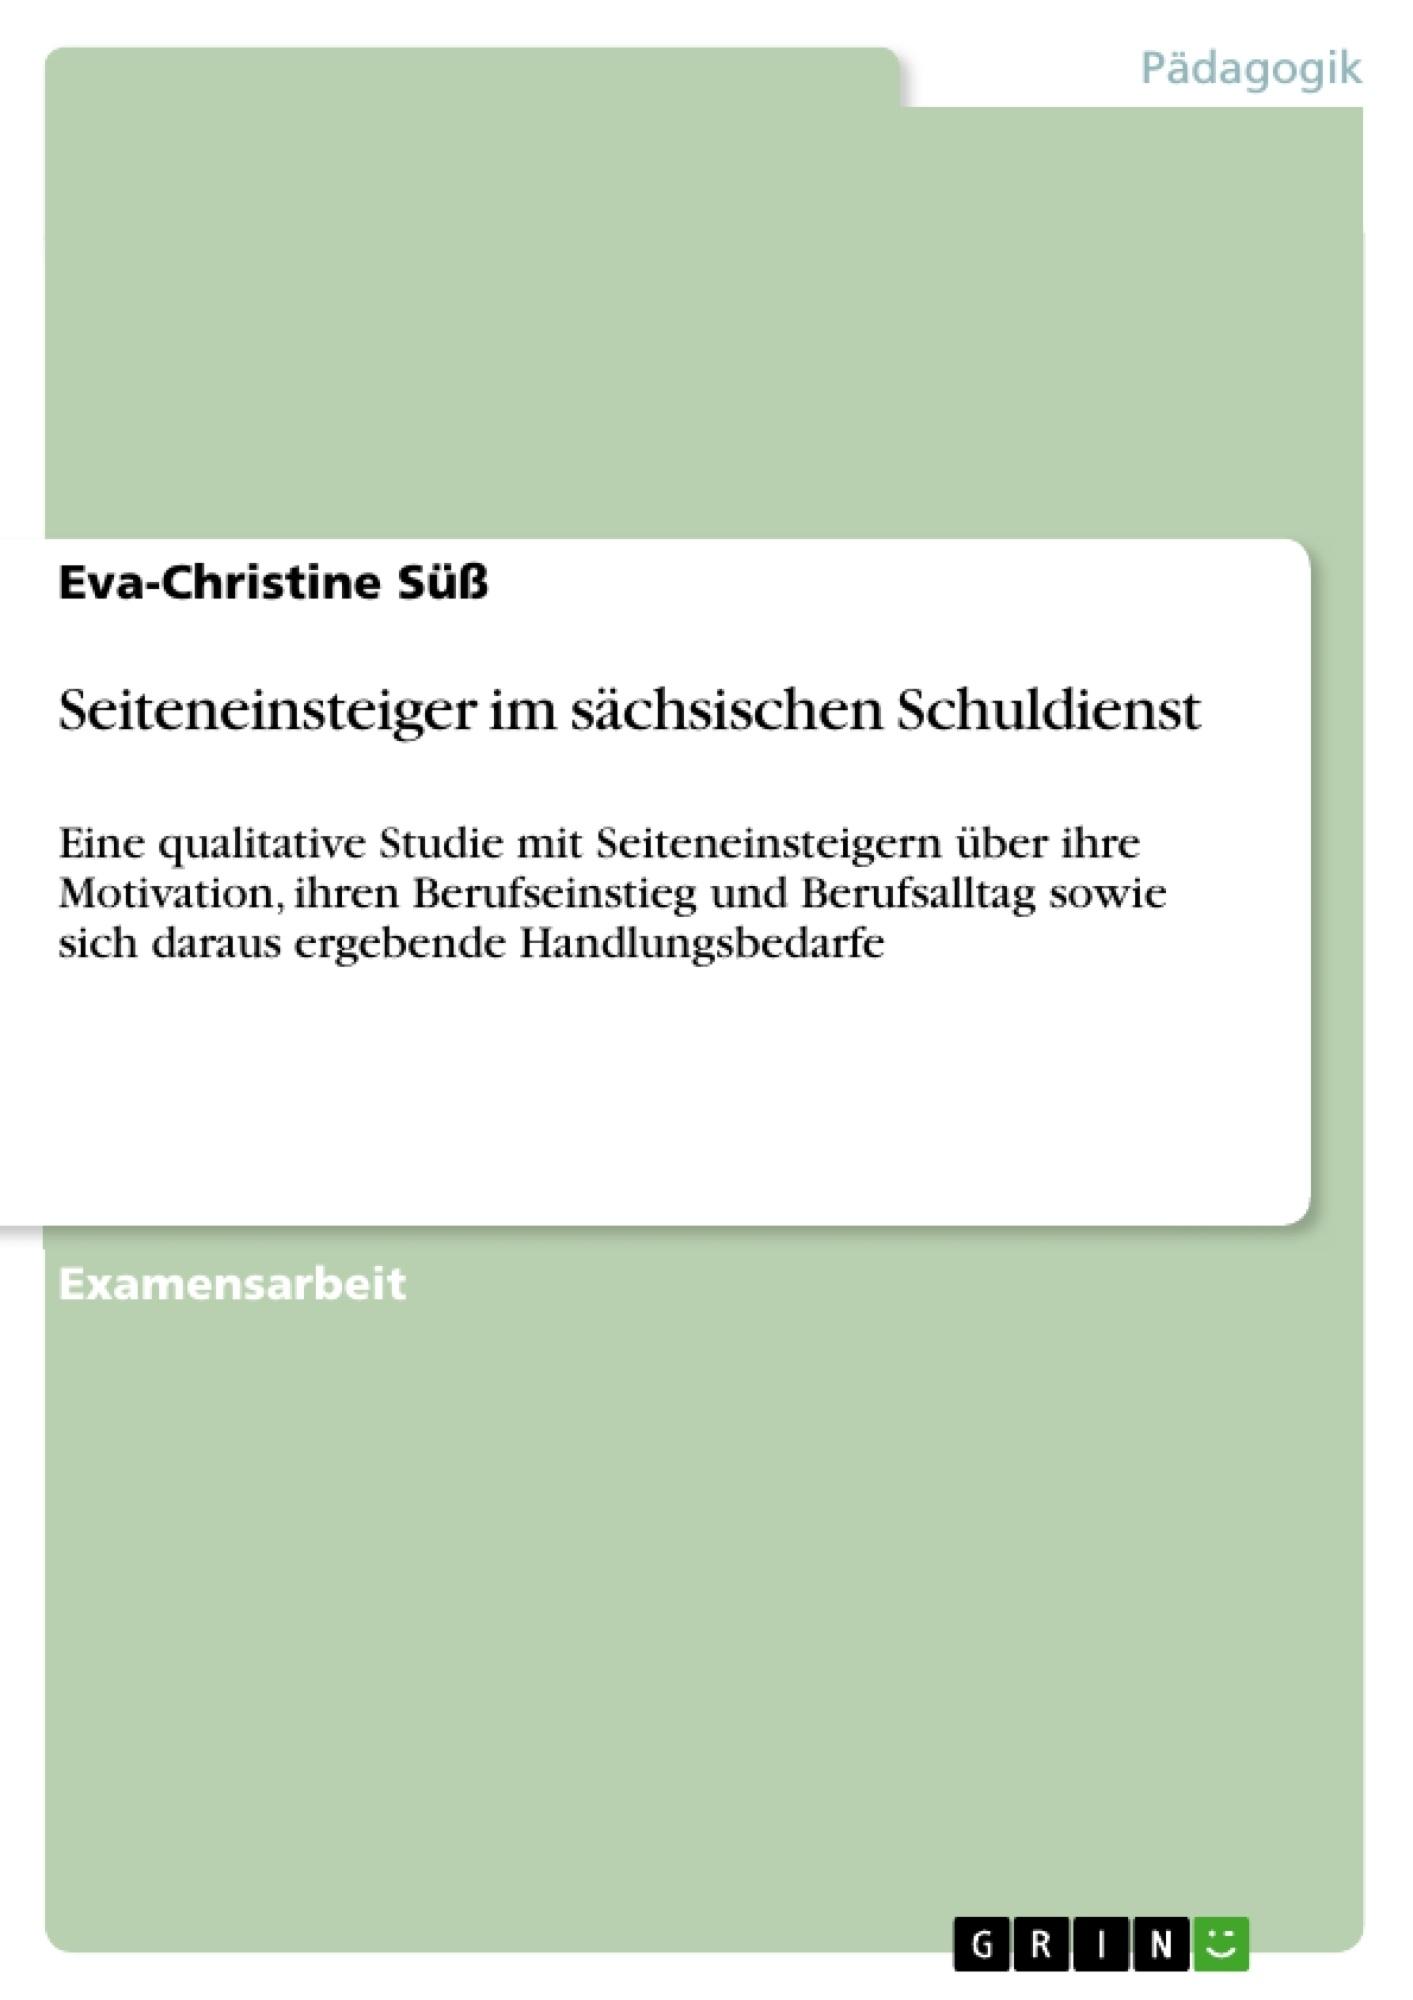 Seiteneinsteiger im sächsischen Schuldienst | Masterarbeit ...